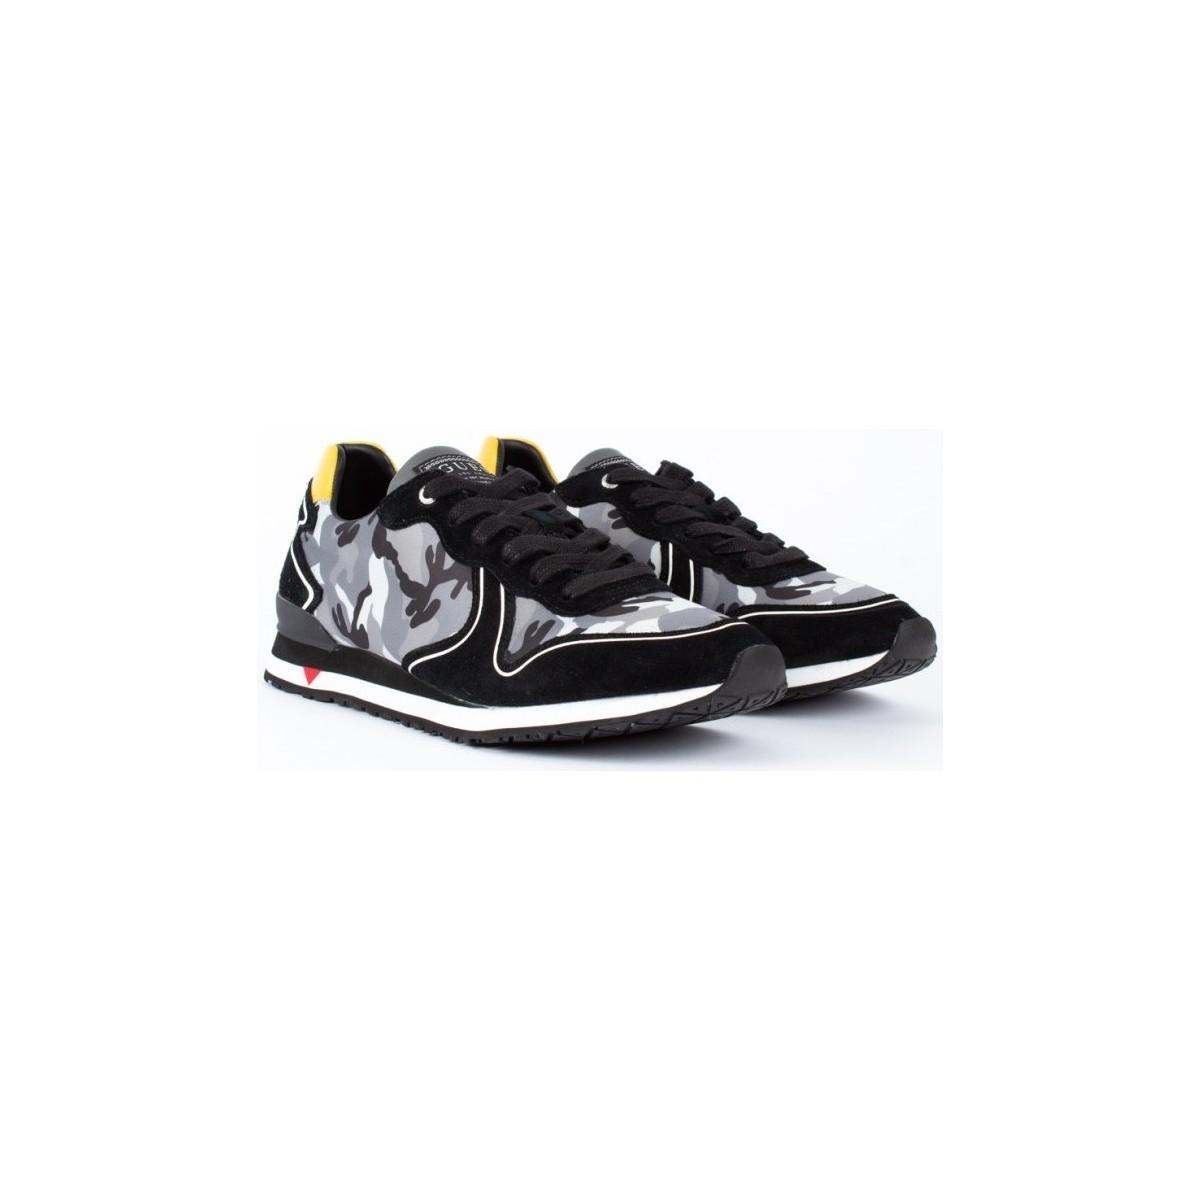 Basket Chaussures Guess pour homme en coloris Noir jvkj